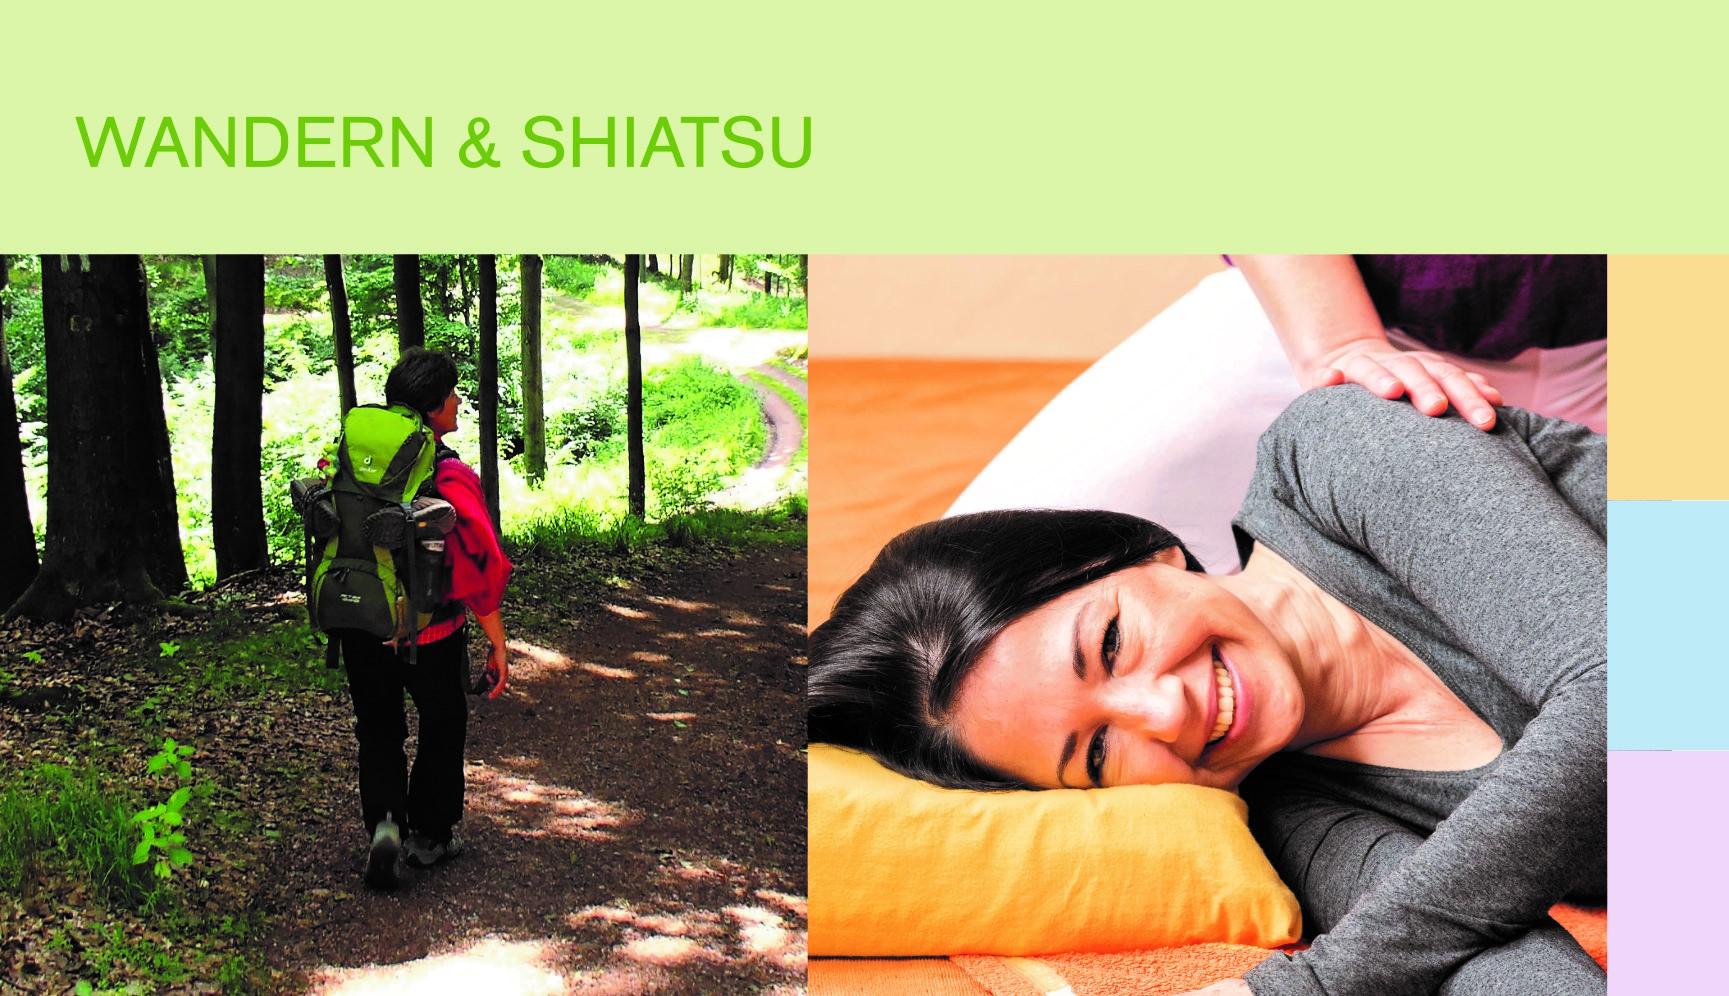 Wandern und Shiatsu 2020 (002).jpg